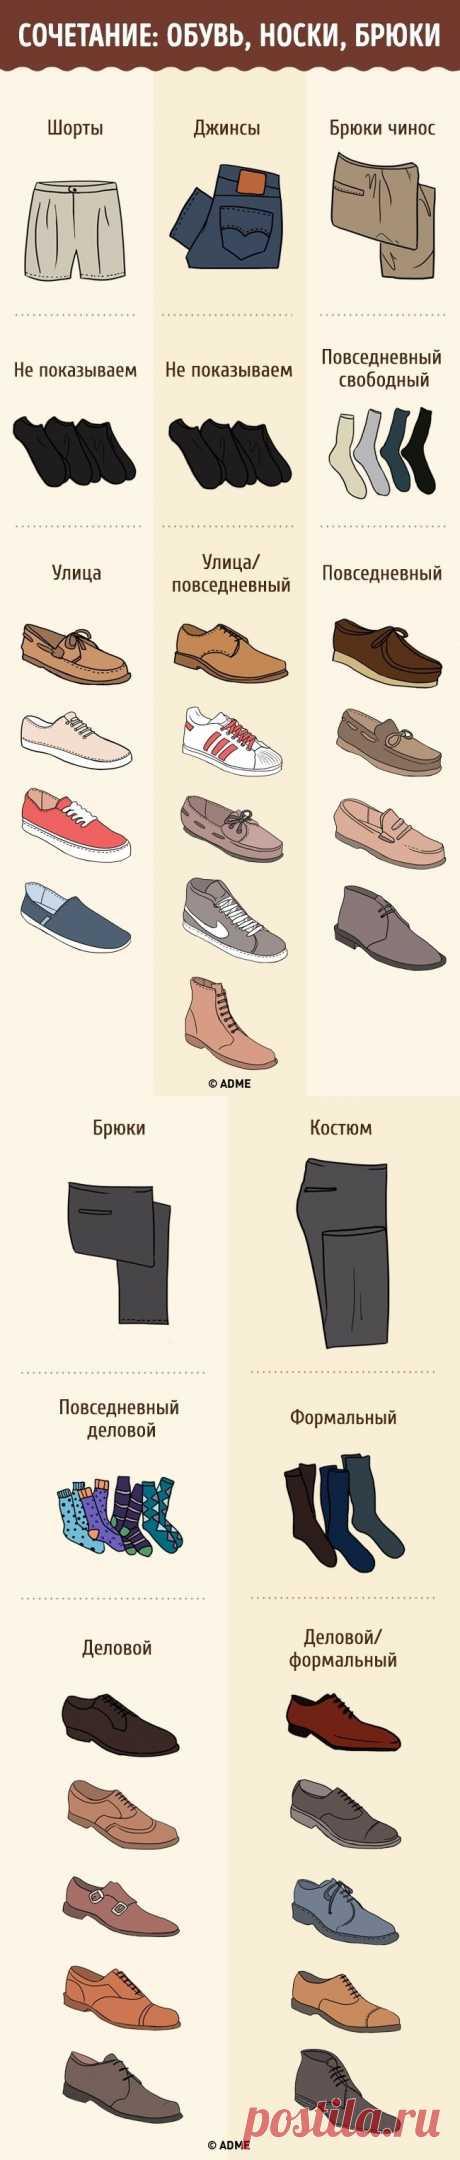 Сочетание: обувь, носки, брюки